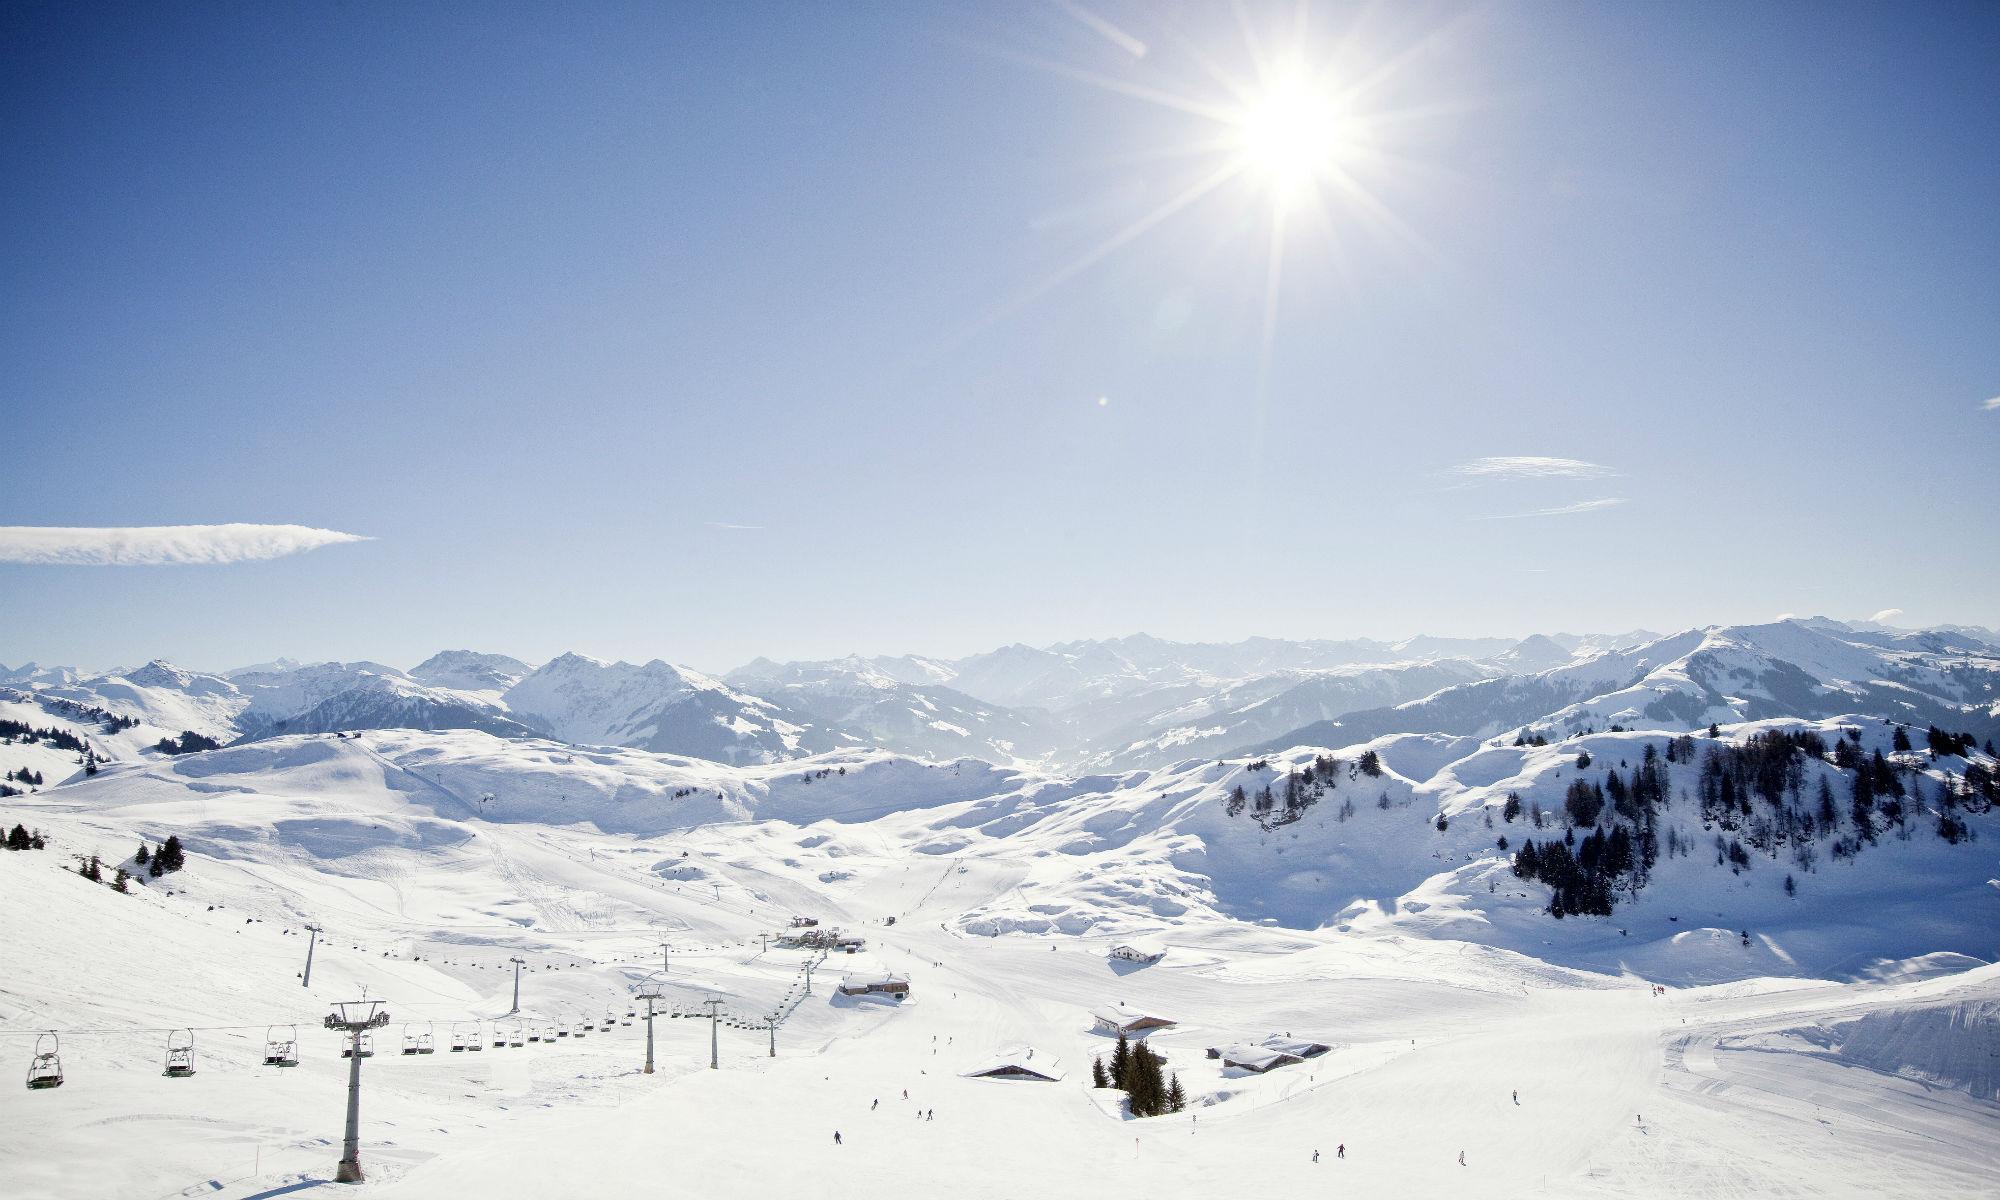 Sunny mountain view of Kitzbühel ski slopes.